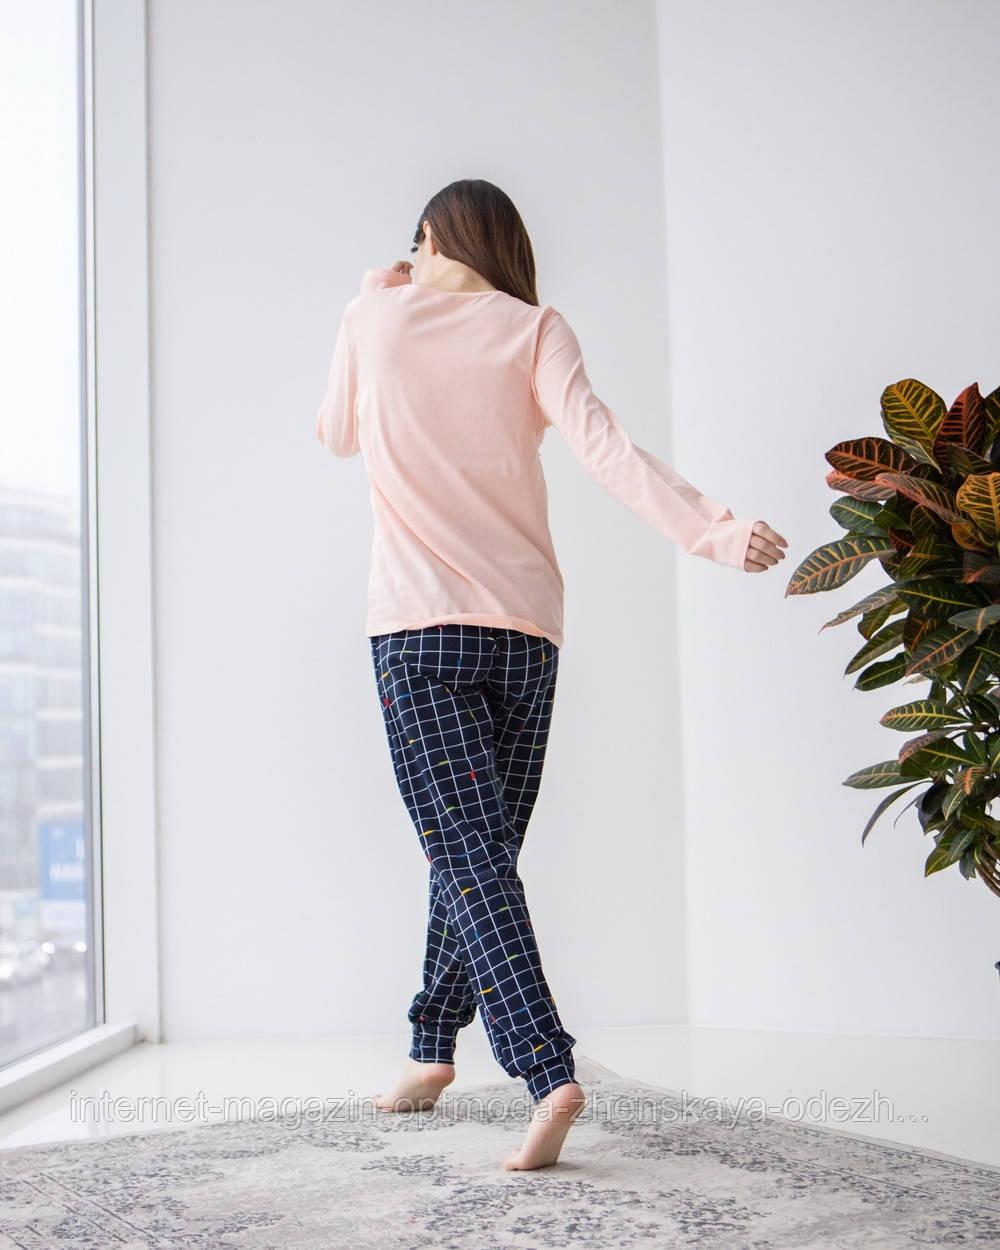 Жіноча піжама на гудзиках в дрібний горошок, 95% бавовна, 5% еластан, розміри, М, Д, ХЛ